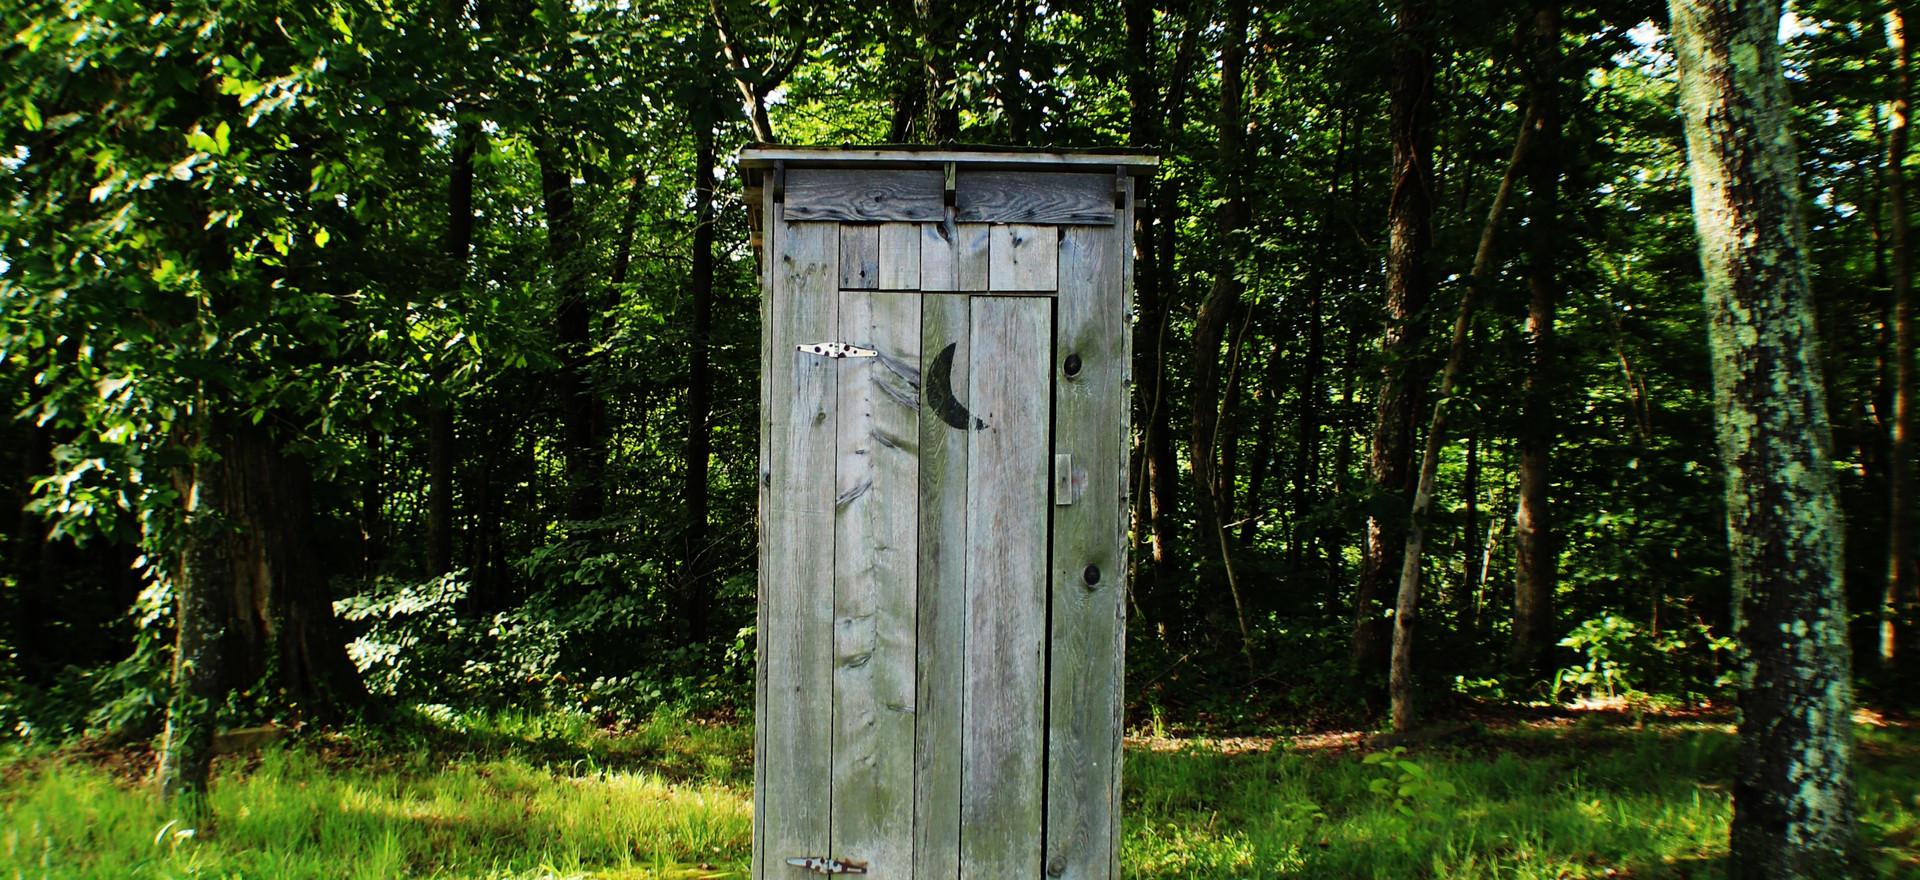 Bra att ha som komplement till dusch på mer primitiva platser, men även på hotell utomlands då det bara finns takdusch vilket är vanligt i vissa länder.